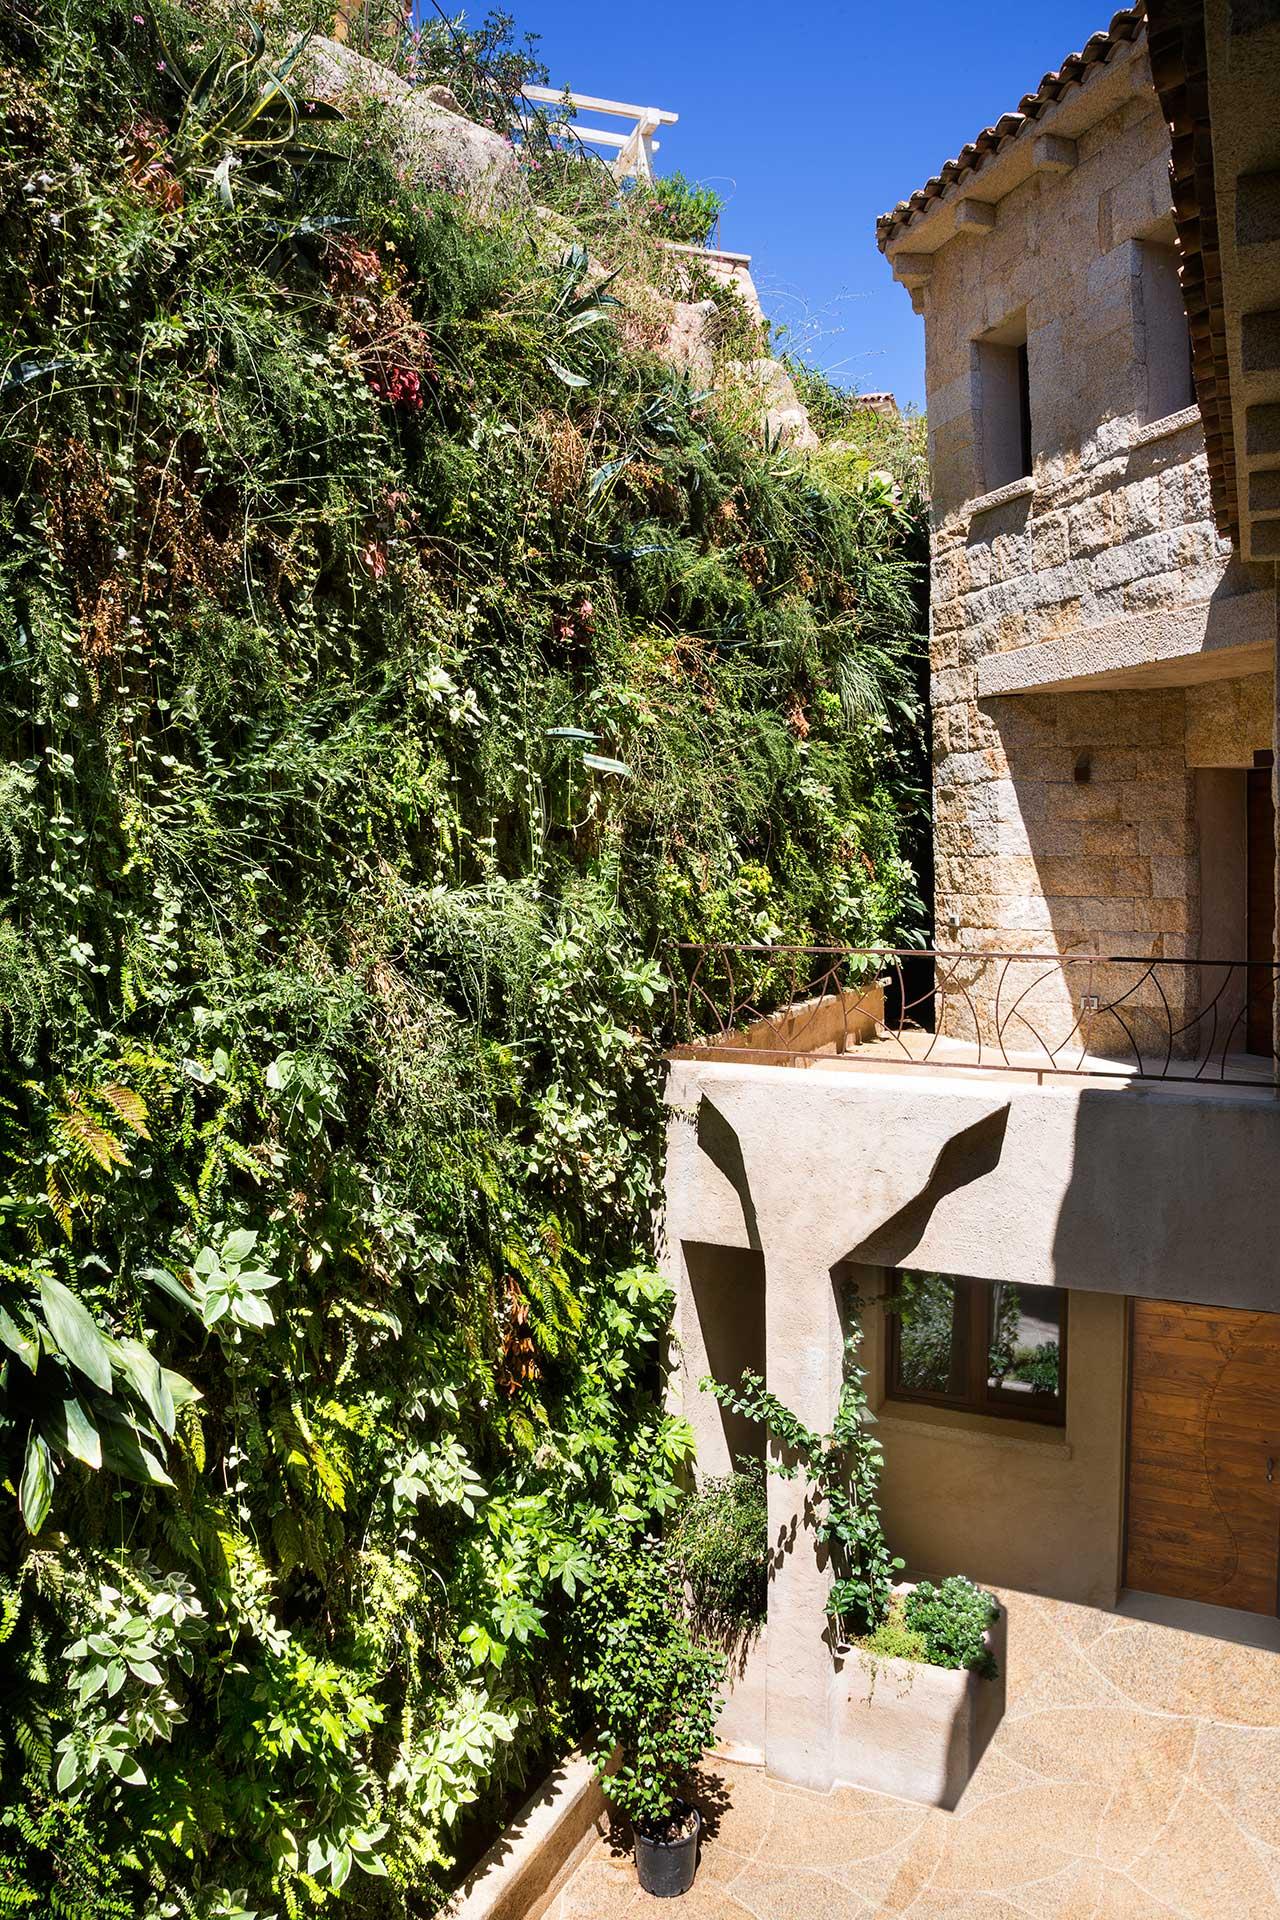 La Tiara di Cervo,Porto Cervo (OT).Architectural Project:Torno Team. Green Wall Project: Derek Castiglioni.